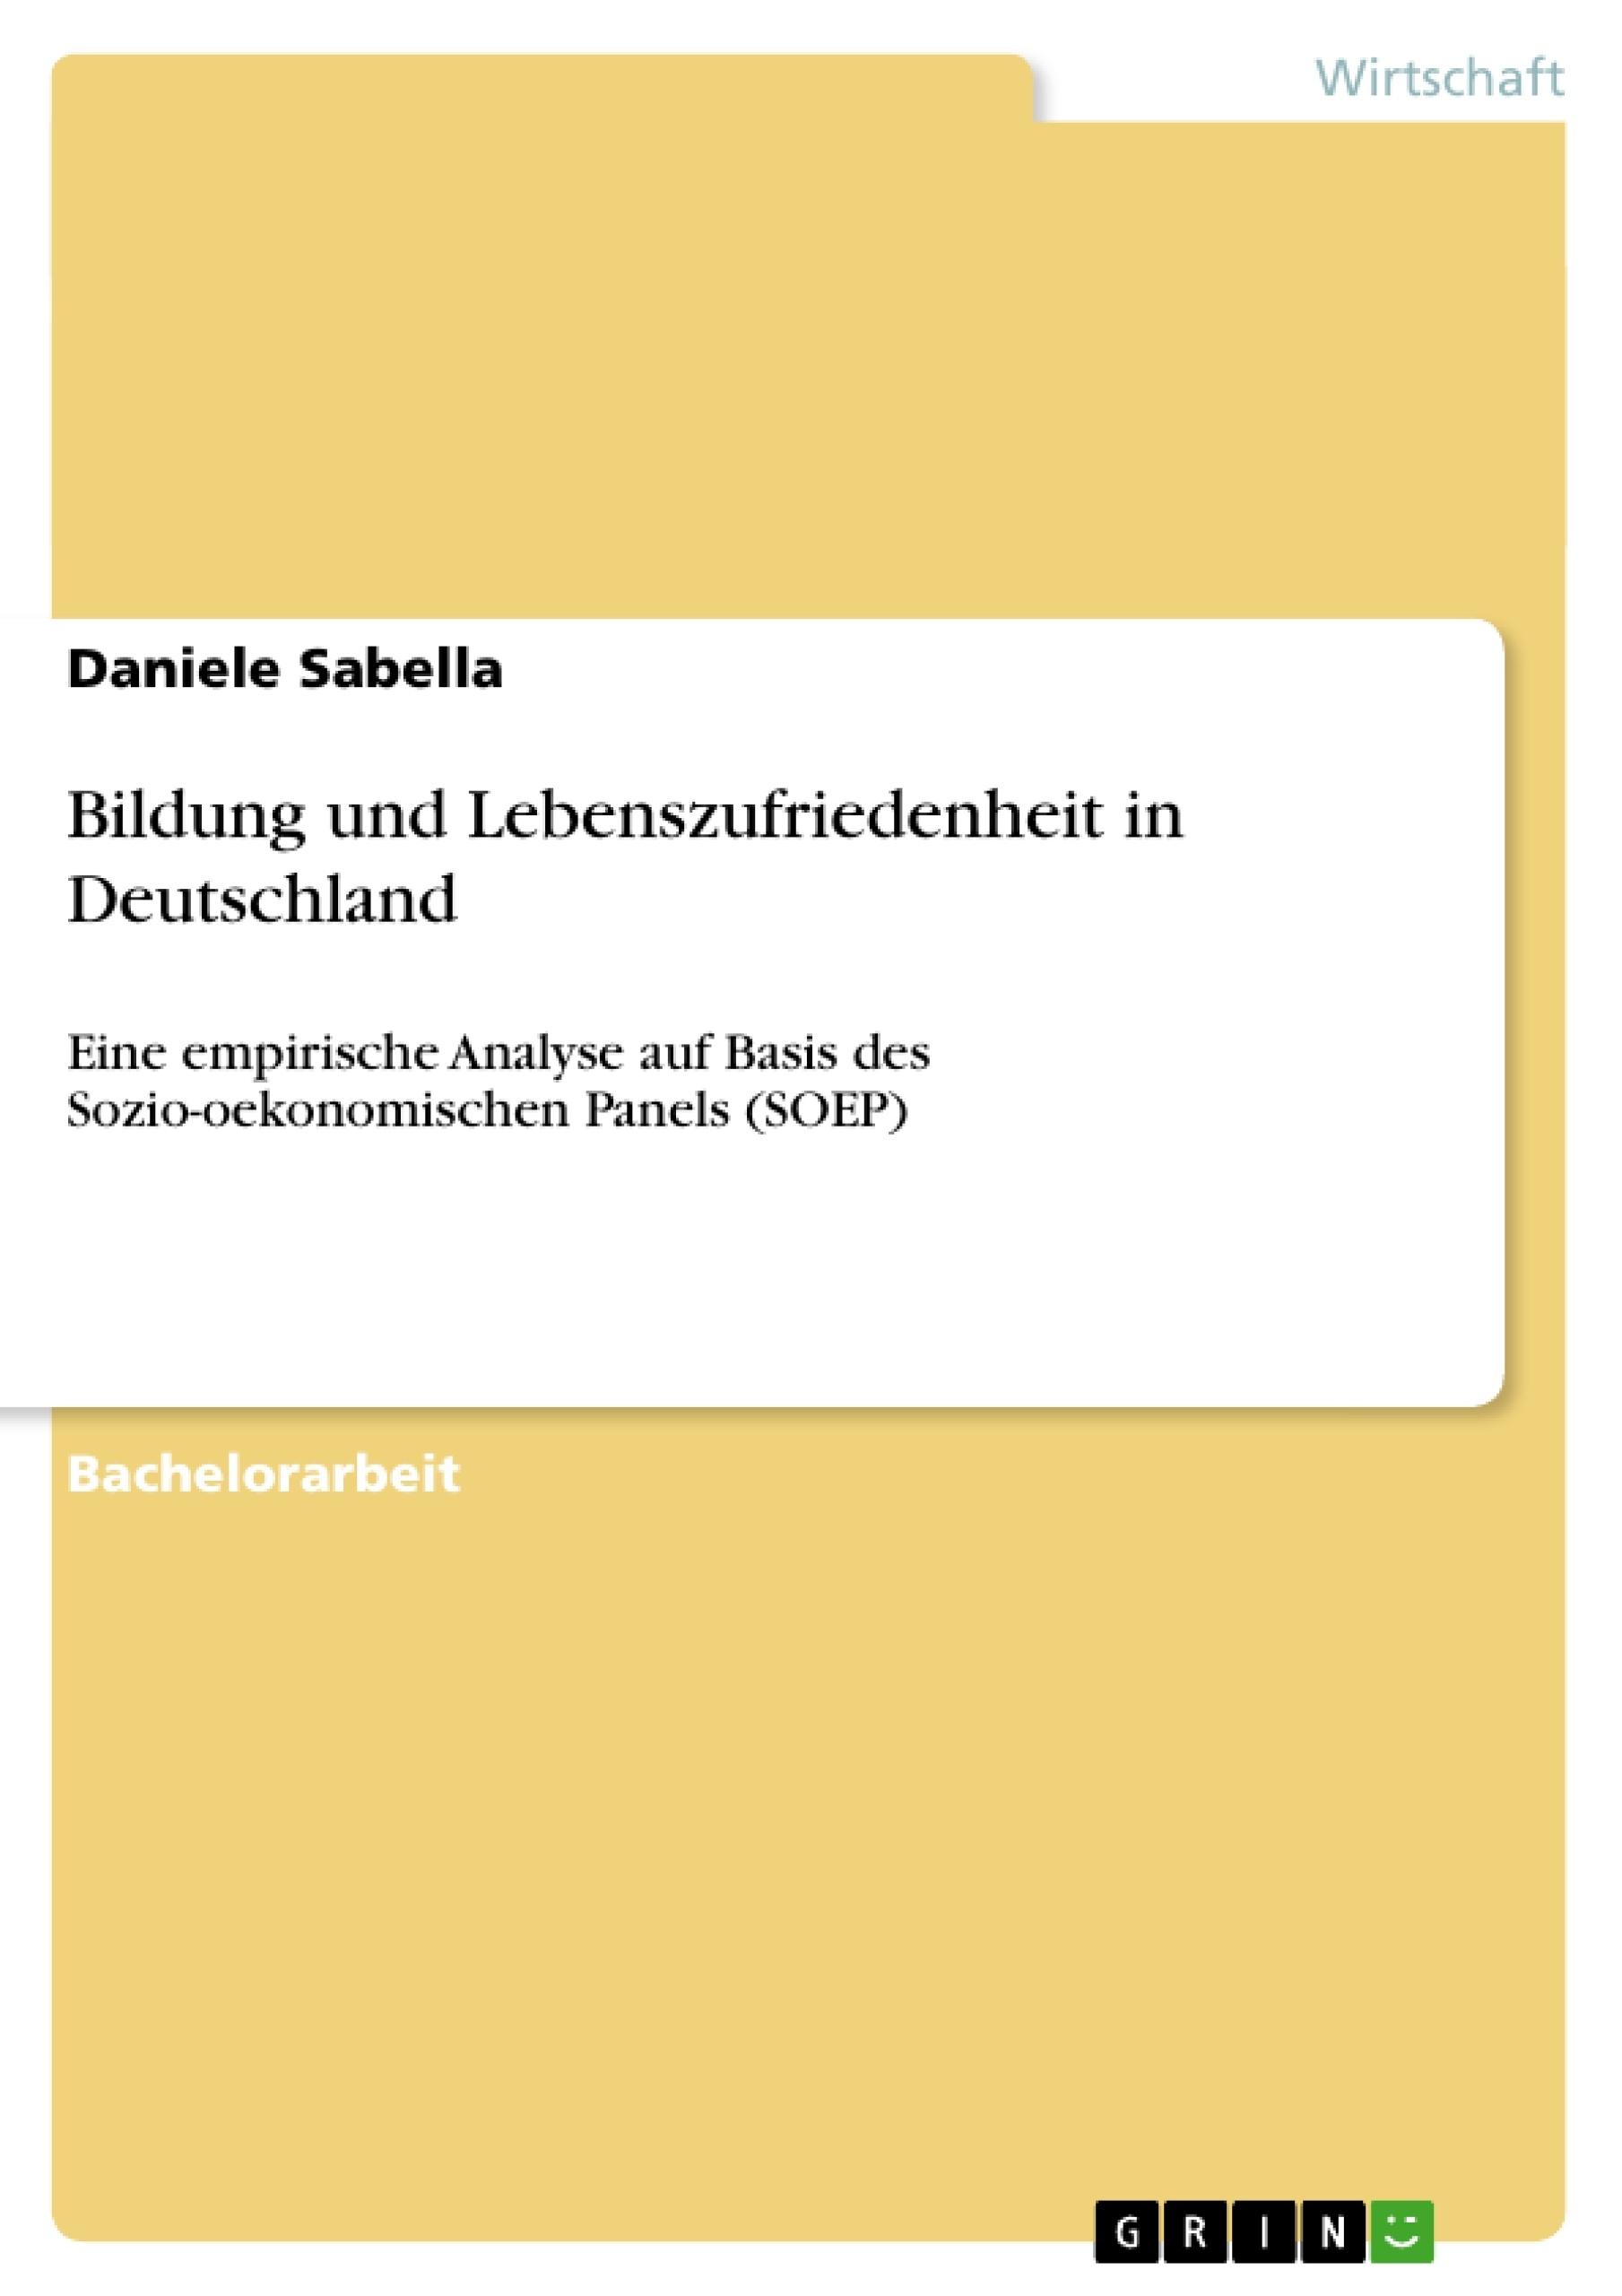 Titel: Bildung und Lebenszufriedenheit in Deutschland